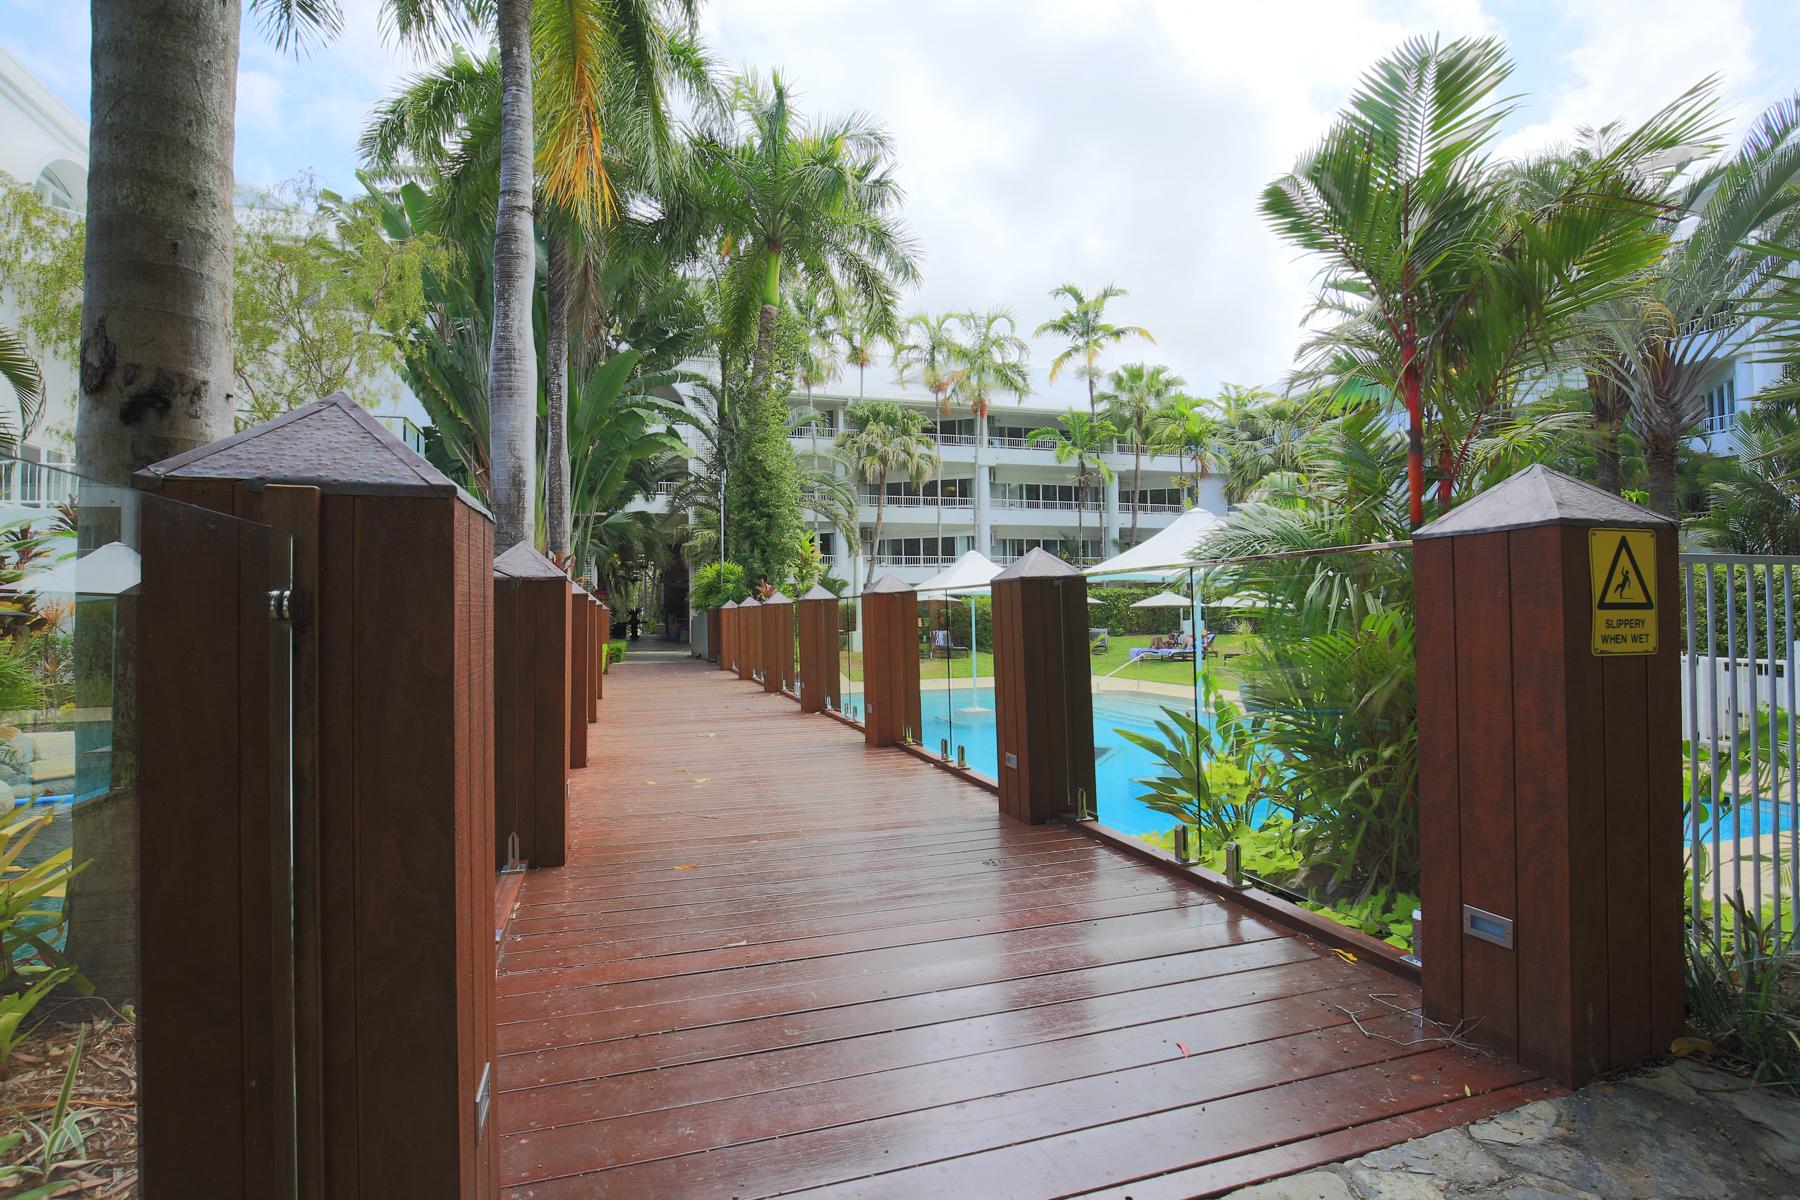 <p>敷地内は多くの熱帯植物で蔽われ、緑が豊富でリゾート気分を満喫できる静かな大人のコンドミニアム。</p>